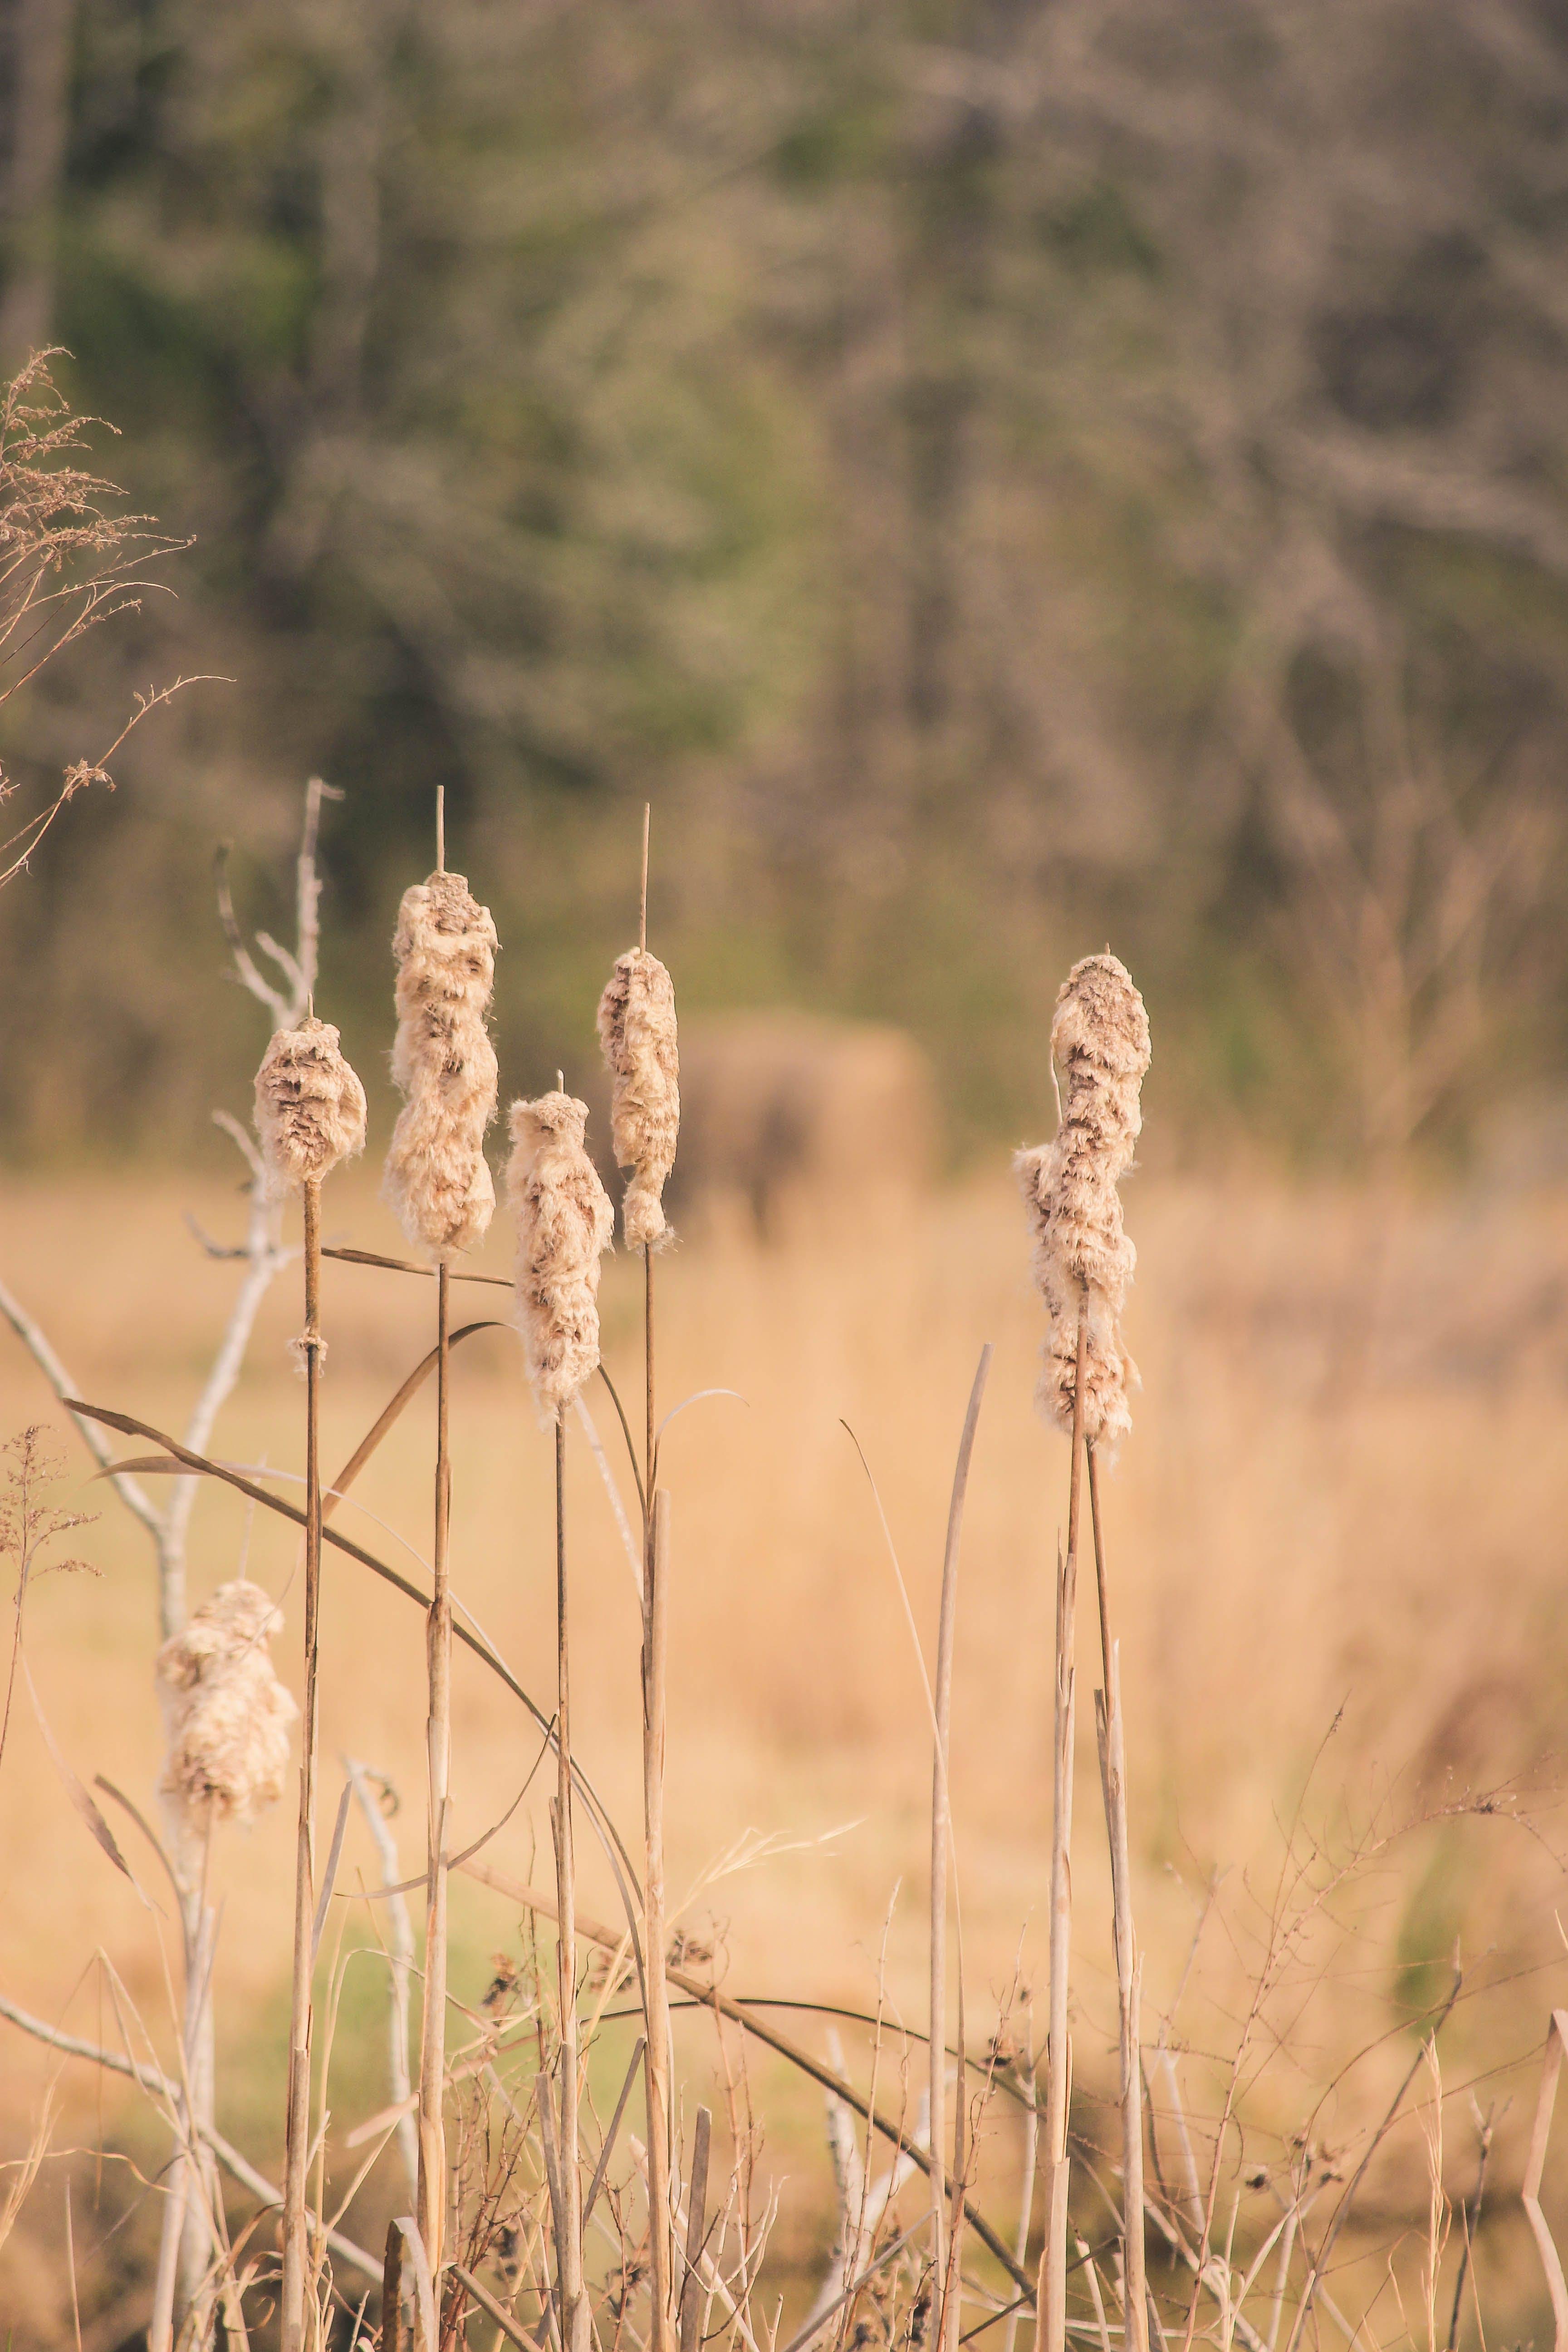 Δωρεάν στοκ φωτογραφιών με αγροτικός, τοπίο